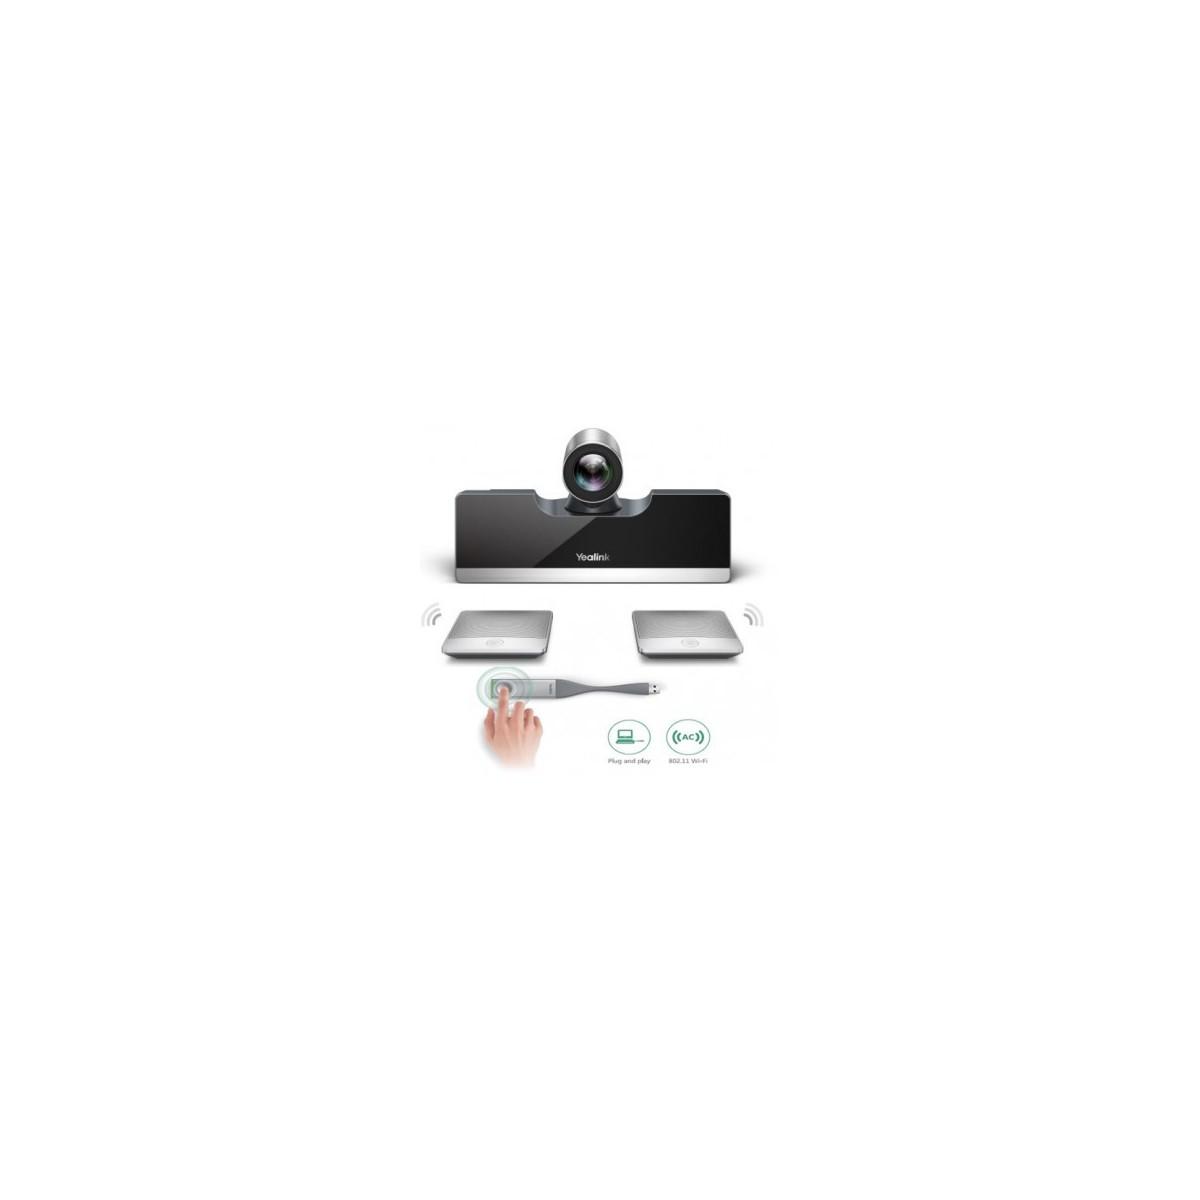 Yealink VC500-Wireless-Micpod